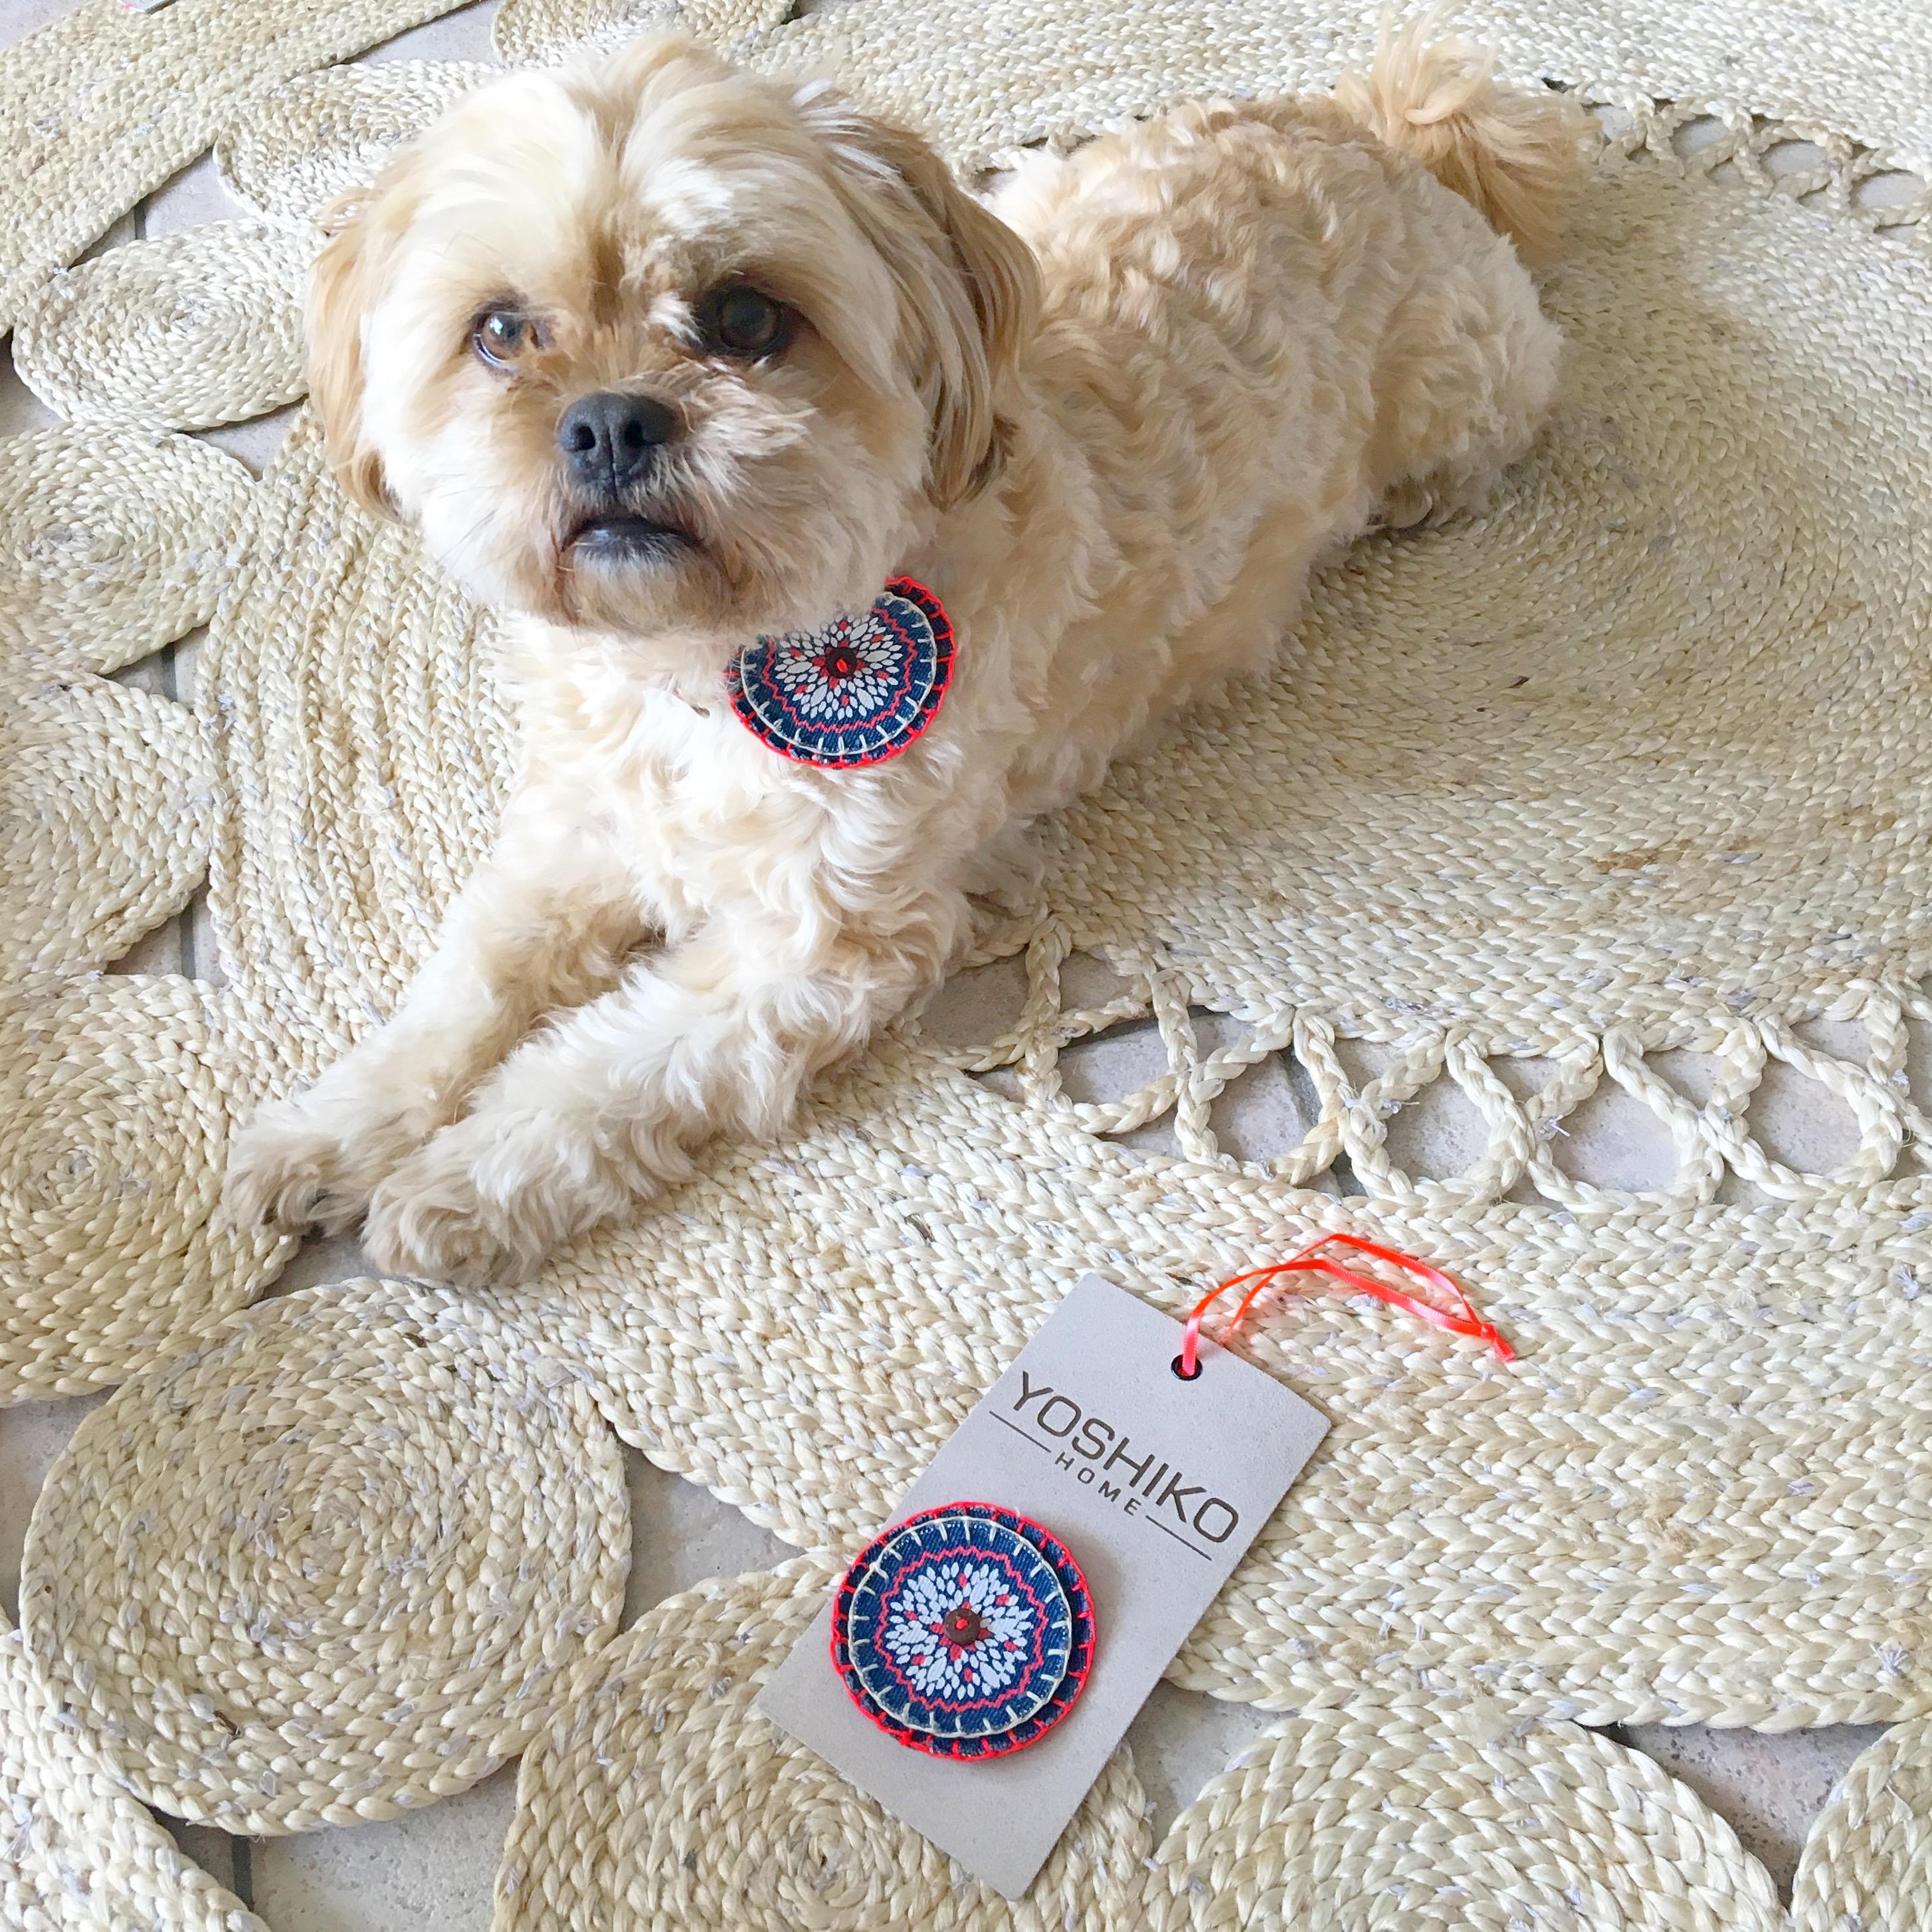 yoshiko lotus vloerkleed met hond